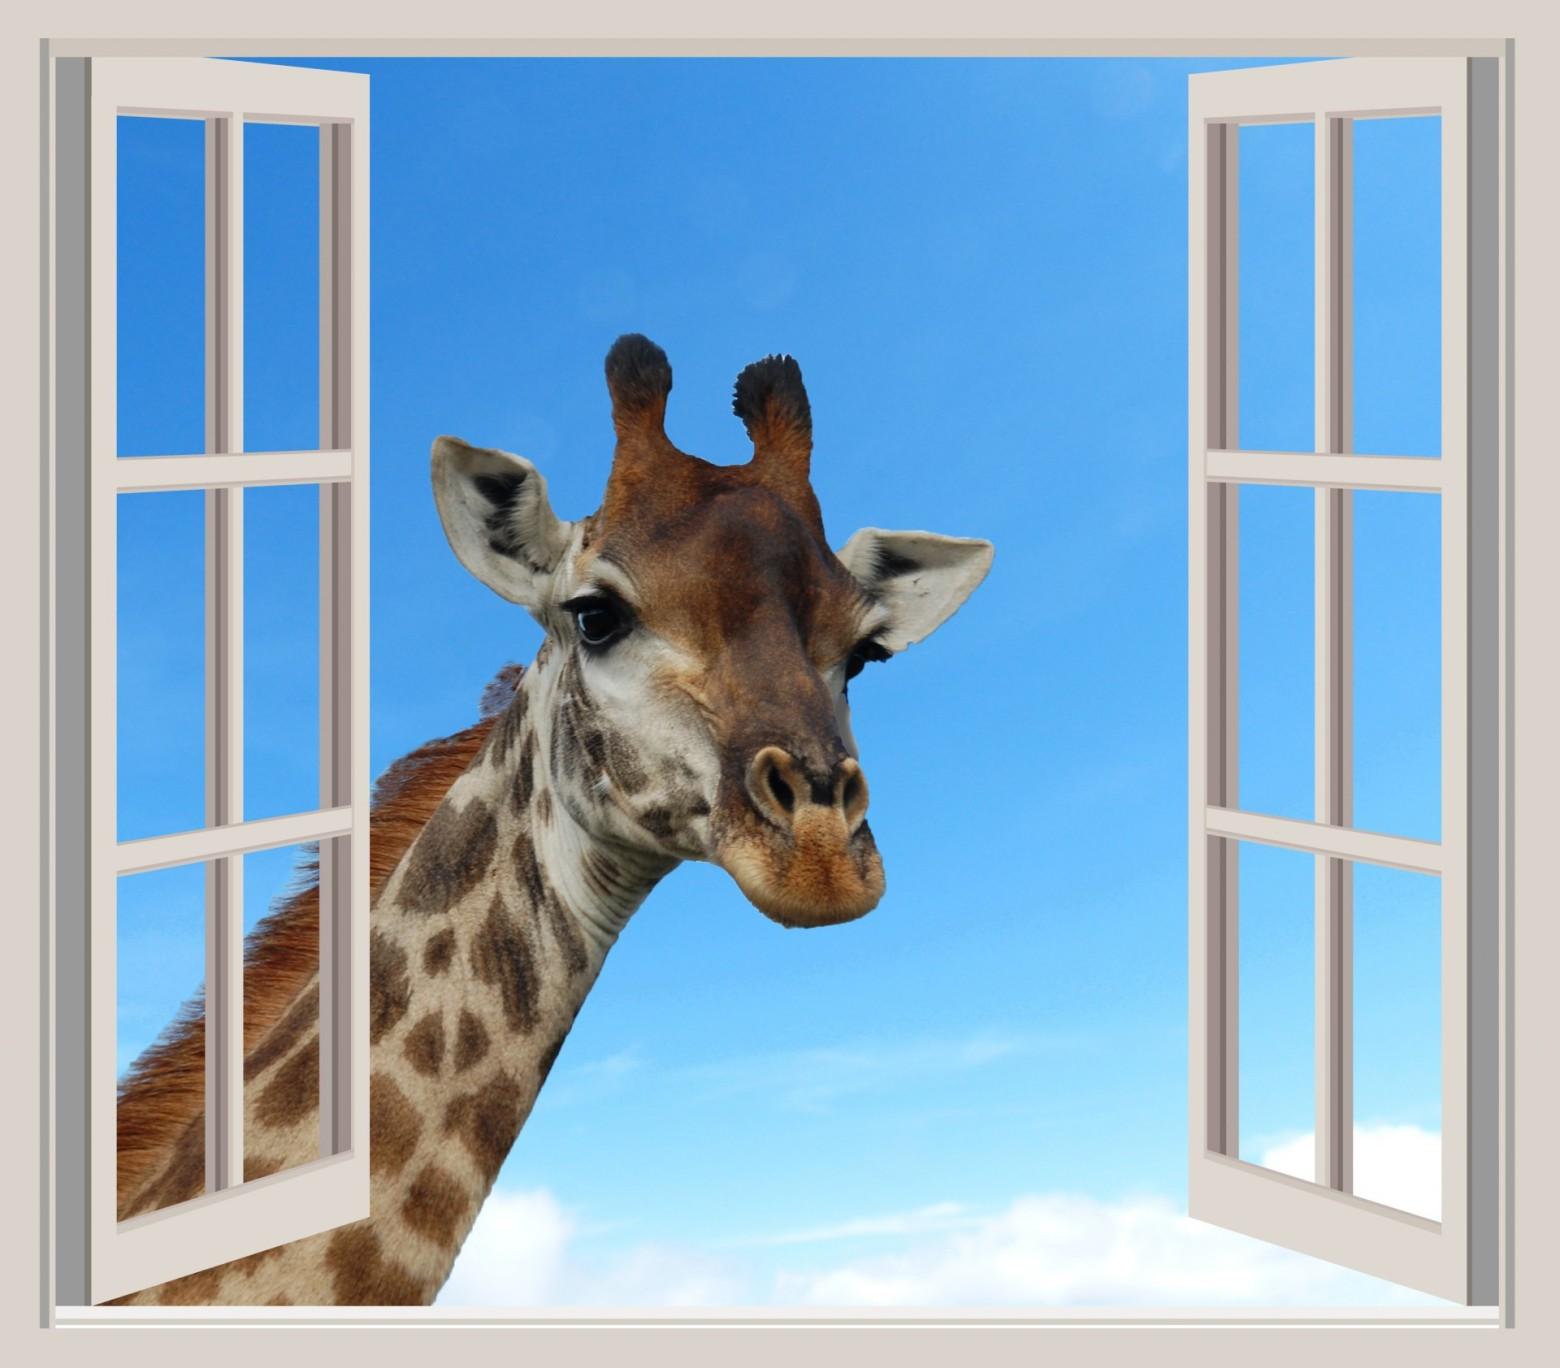 Portrait girafe fen tre ouverte images photos gratuites for Par la fenetre ouverte bonjour